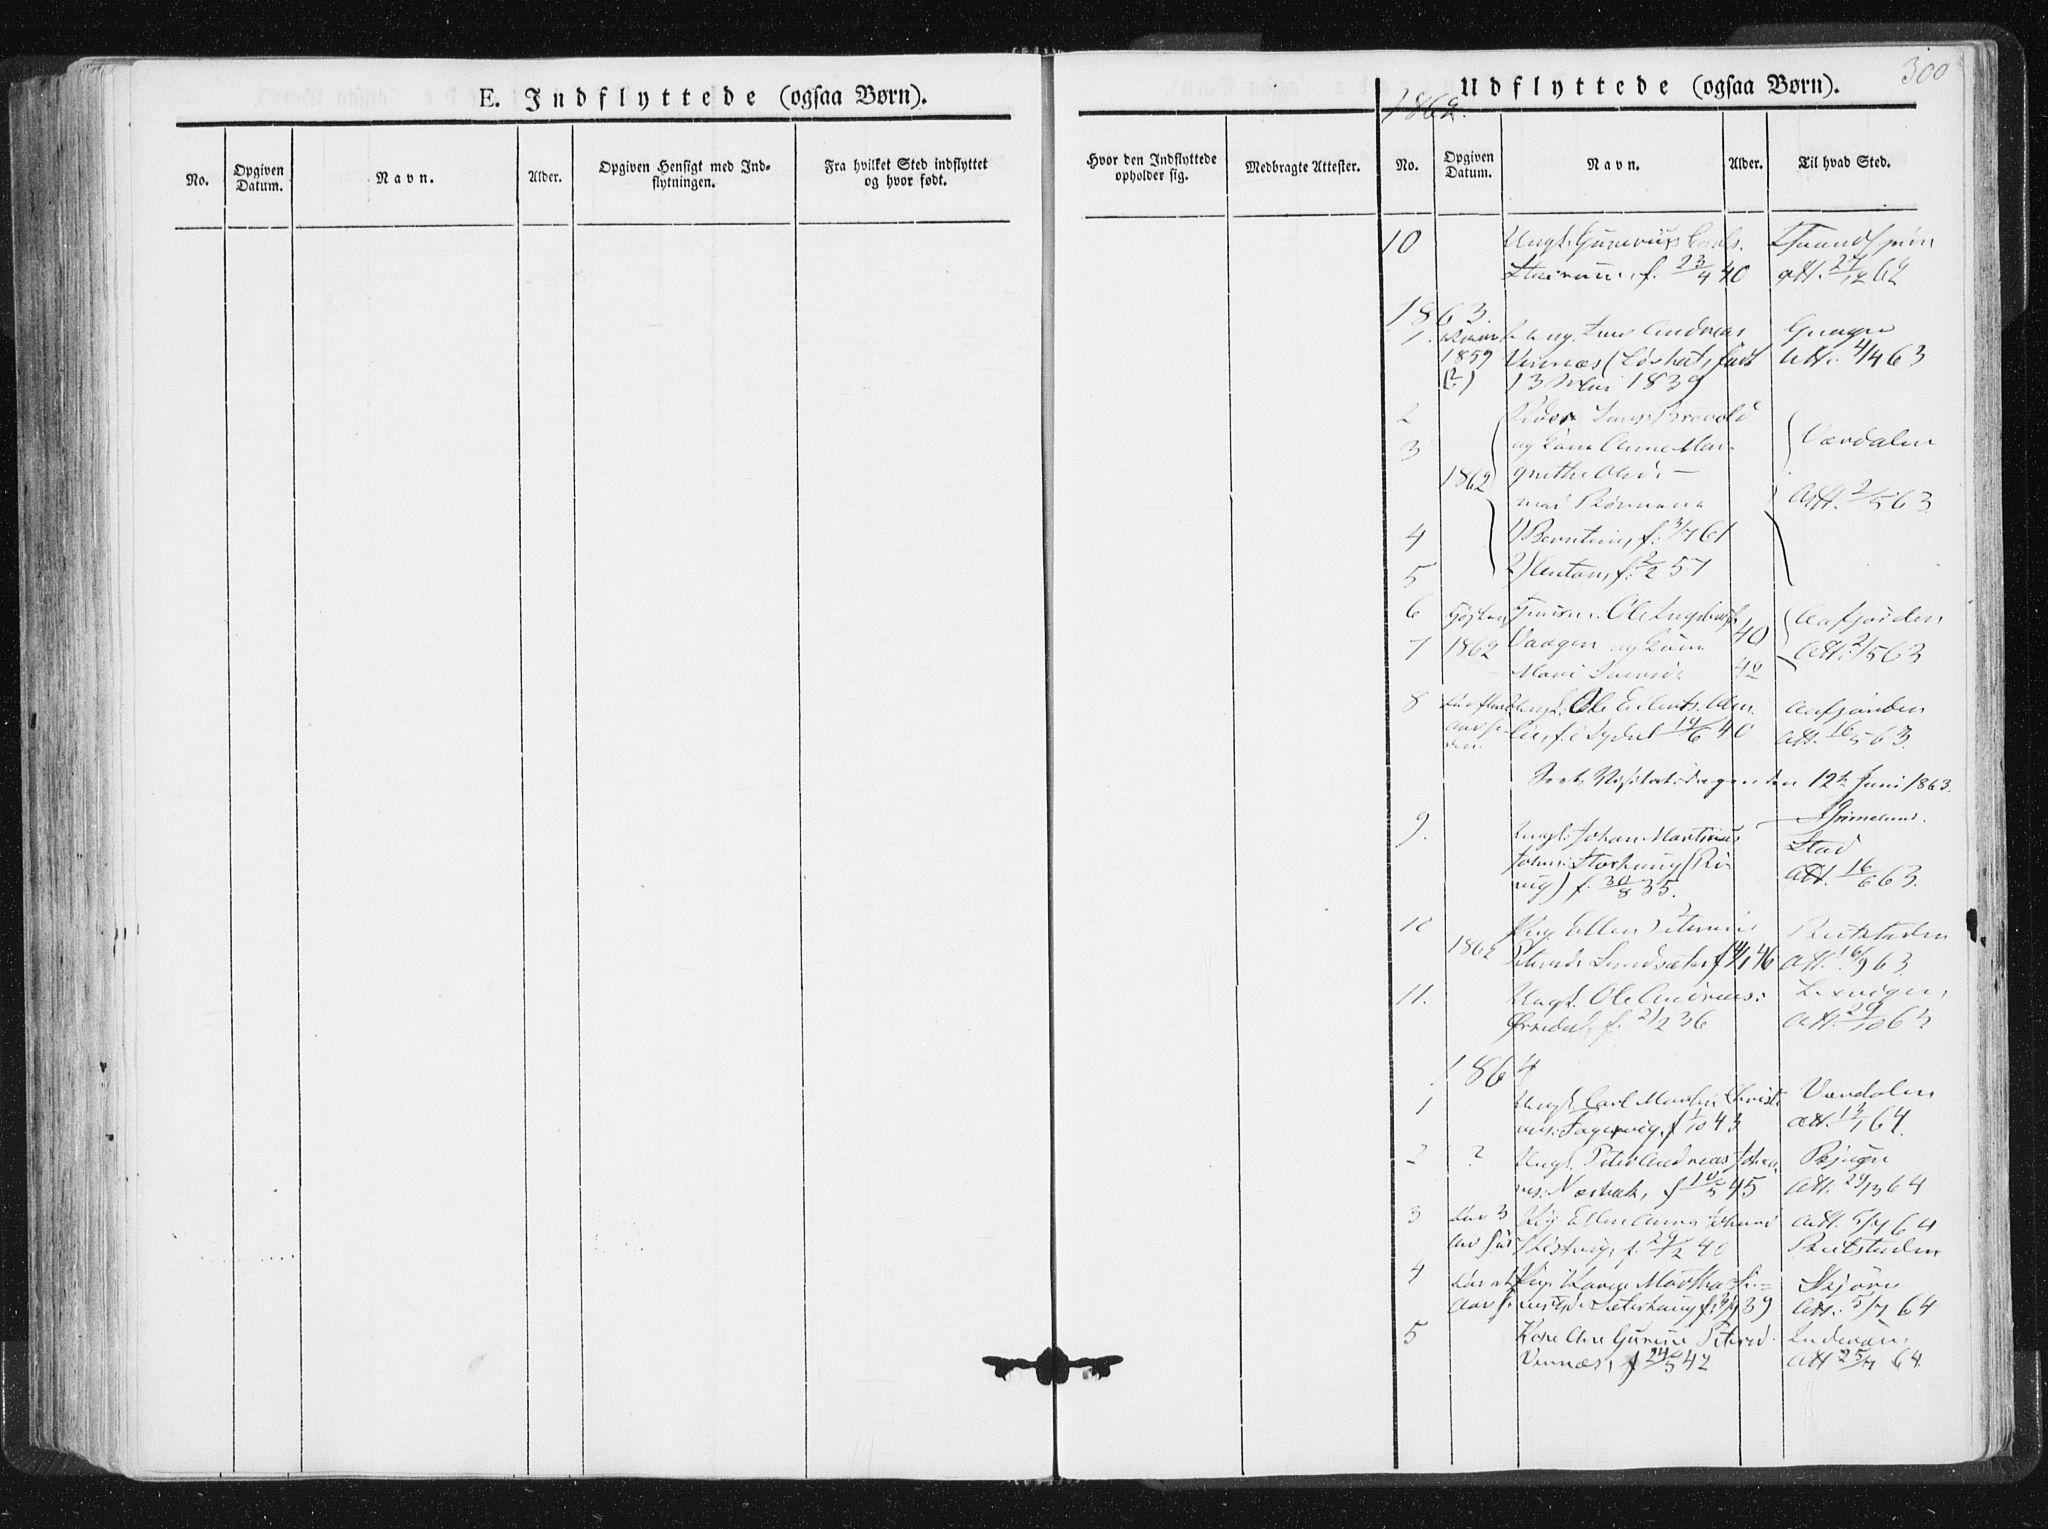 SAT, Ministerialprotokoller, klokkerbøker og fødselsregistre - Nord-Trøndelag, 744/L0418: Ministerialbok nr. 744A02, 1843-1866, s. 300